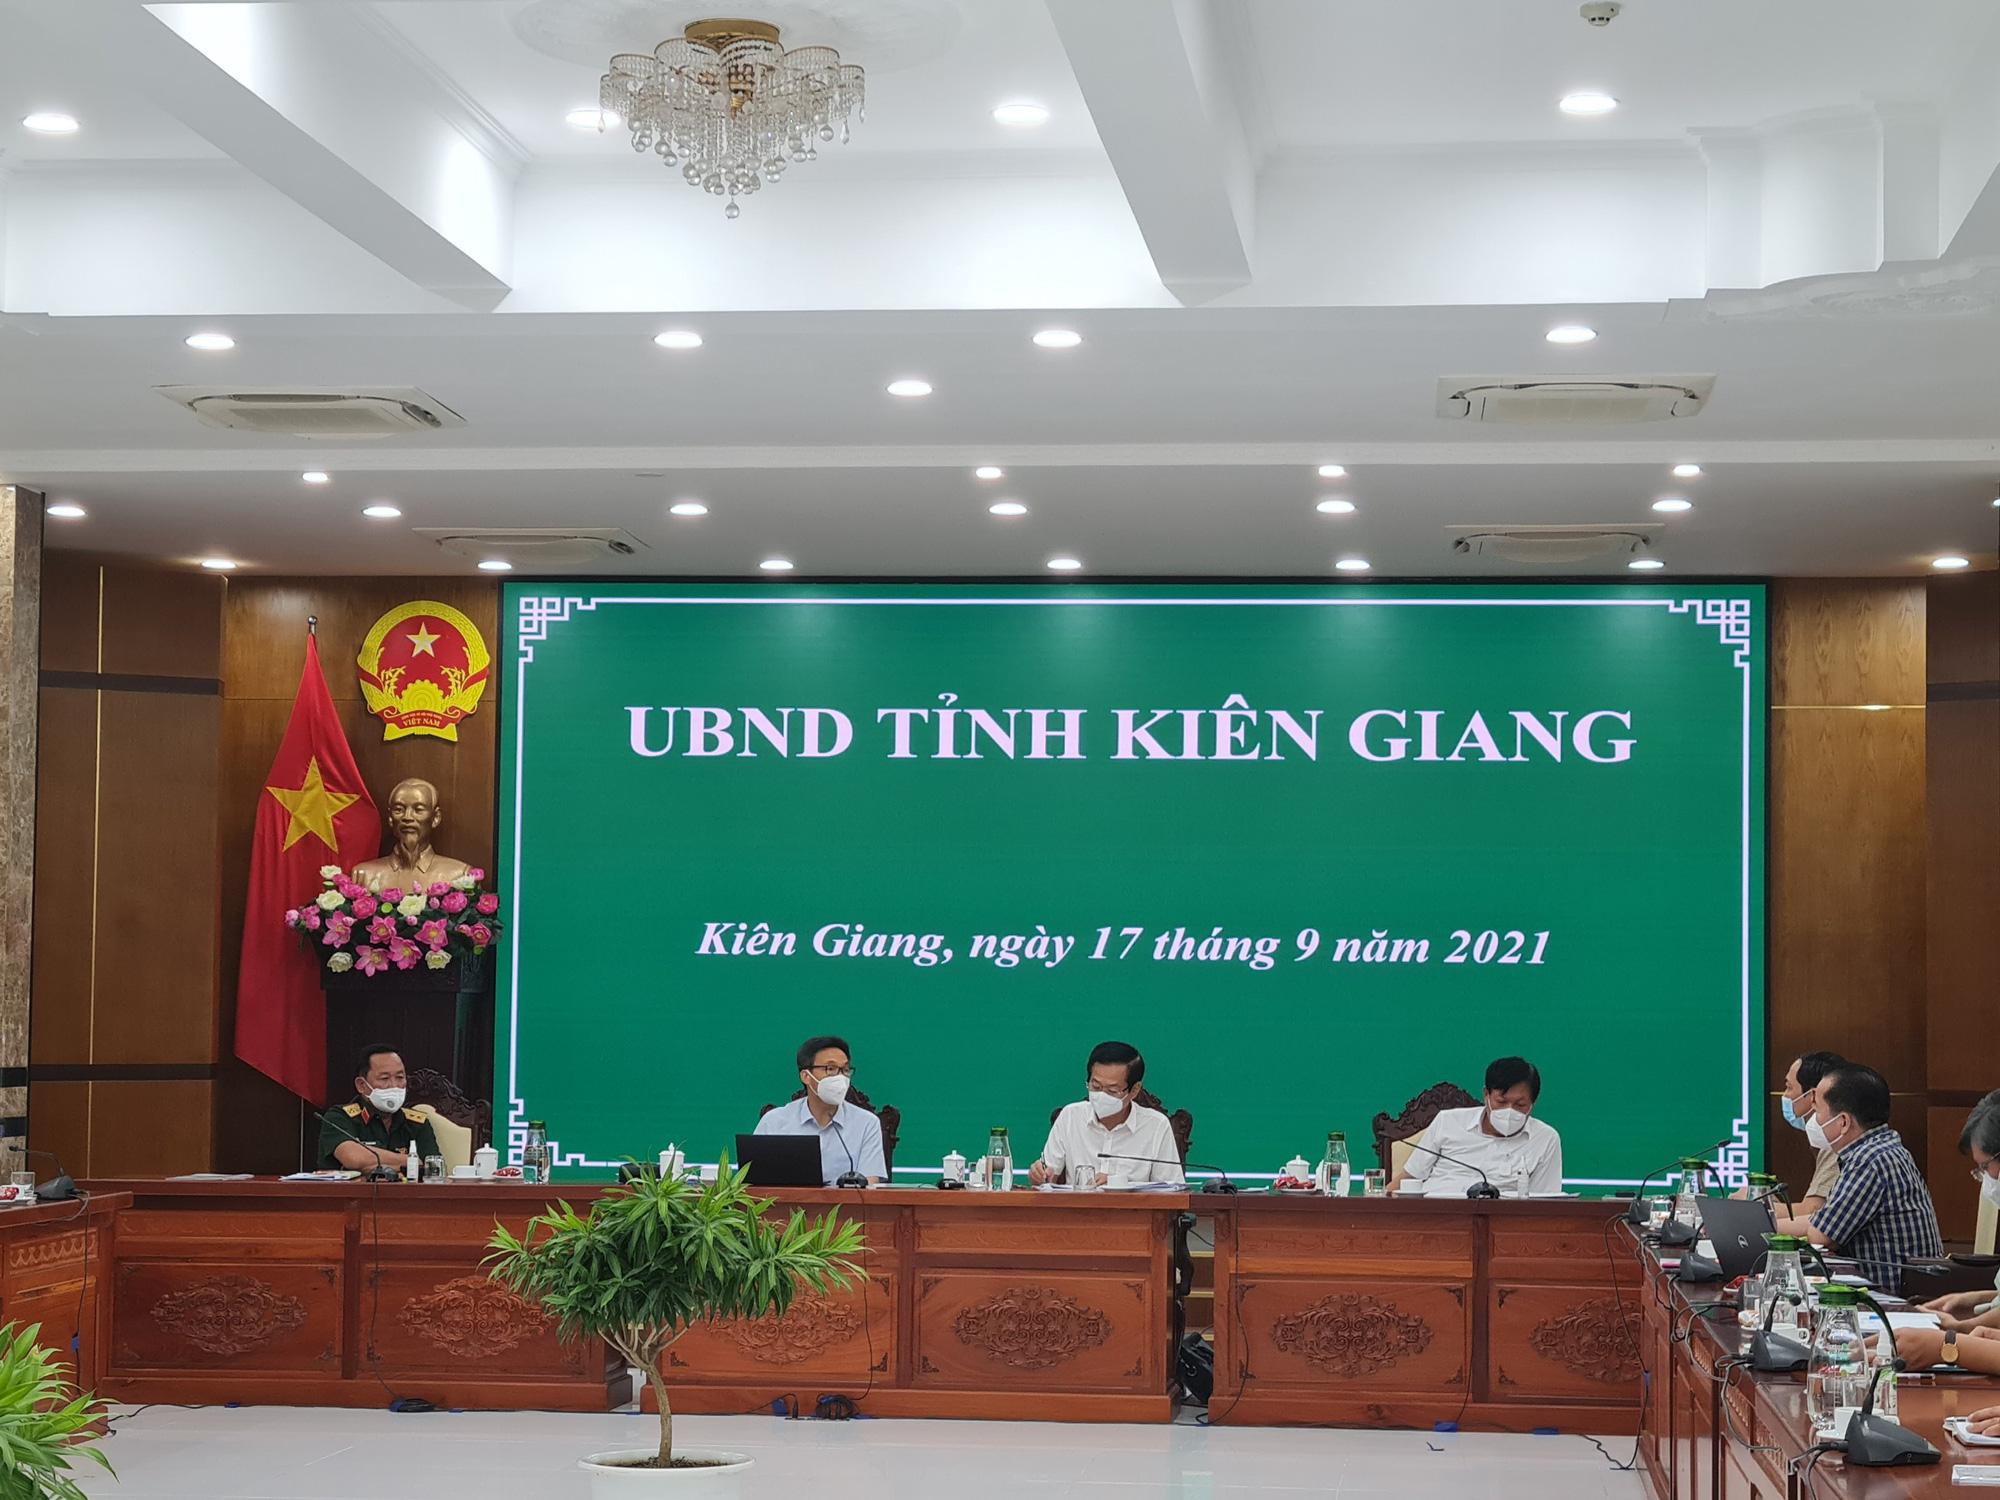 Phó Thủ tướng Vũ Đức Đam: Kiên Giang cần làm hết vùng đỏ nhanh nhất có thể - Ảnh 3.